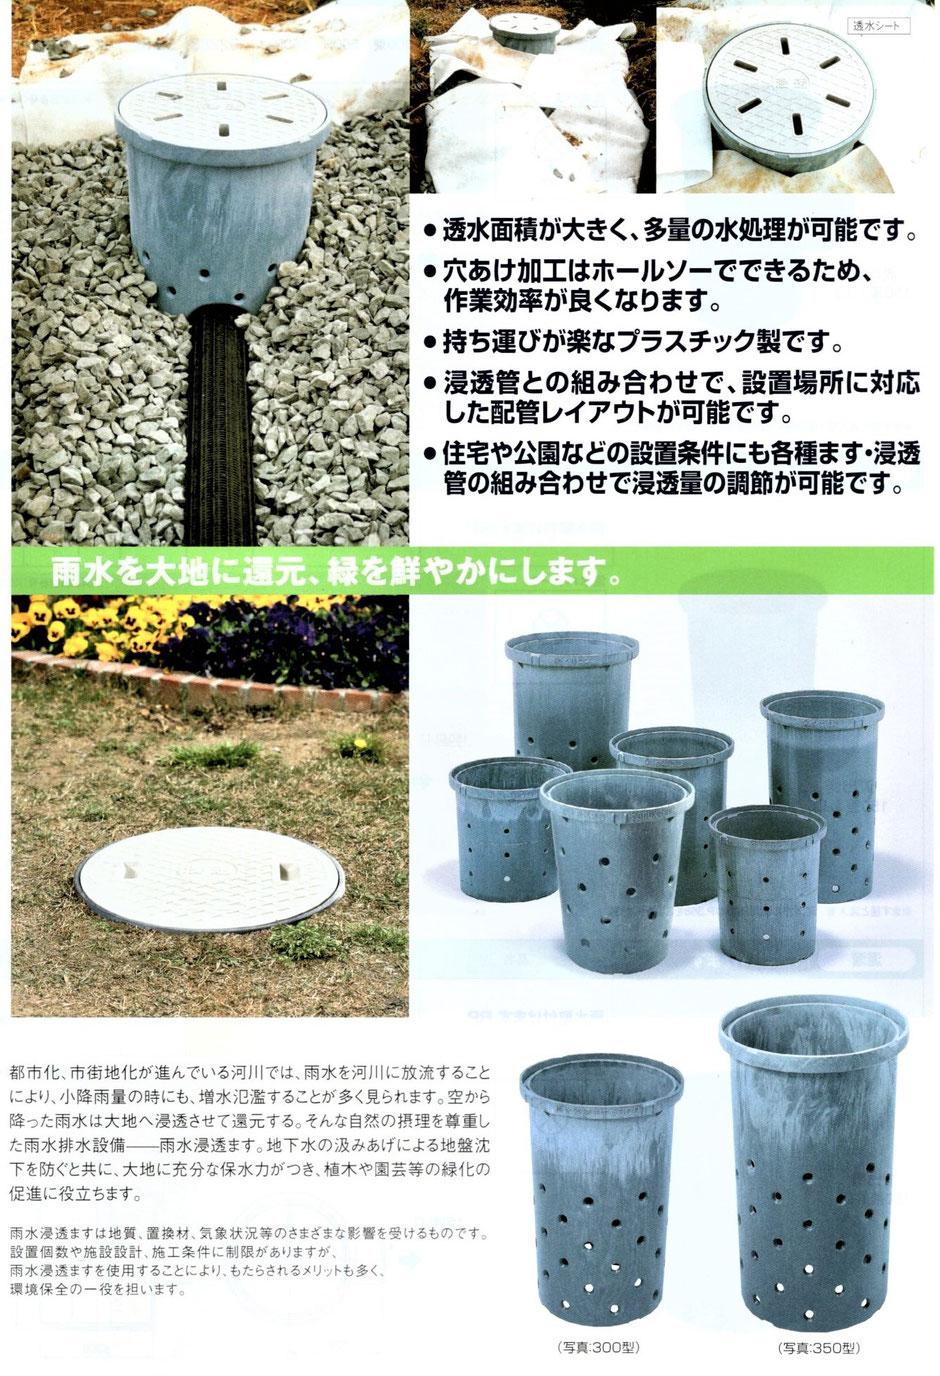 休日などに、自分で庭や家庭菜園の水はけを良くする方法として、暗渠排水が効果があります。その場合の、施工方法や資材をご紹介するページです。